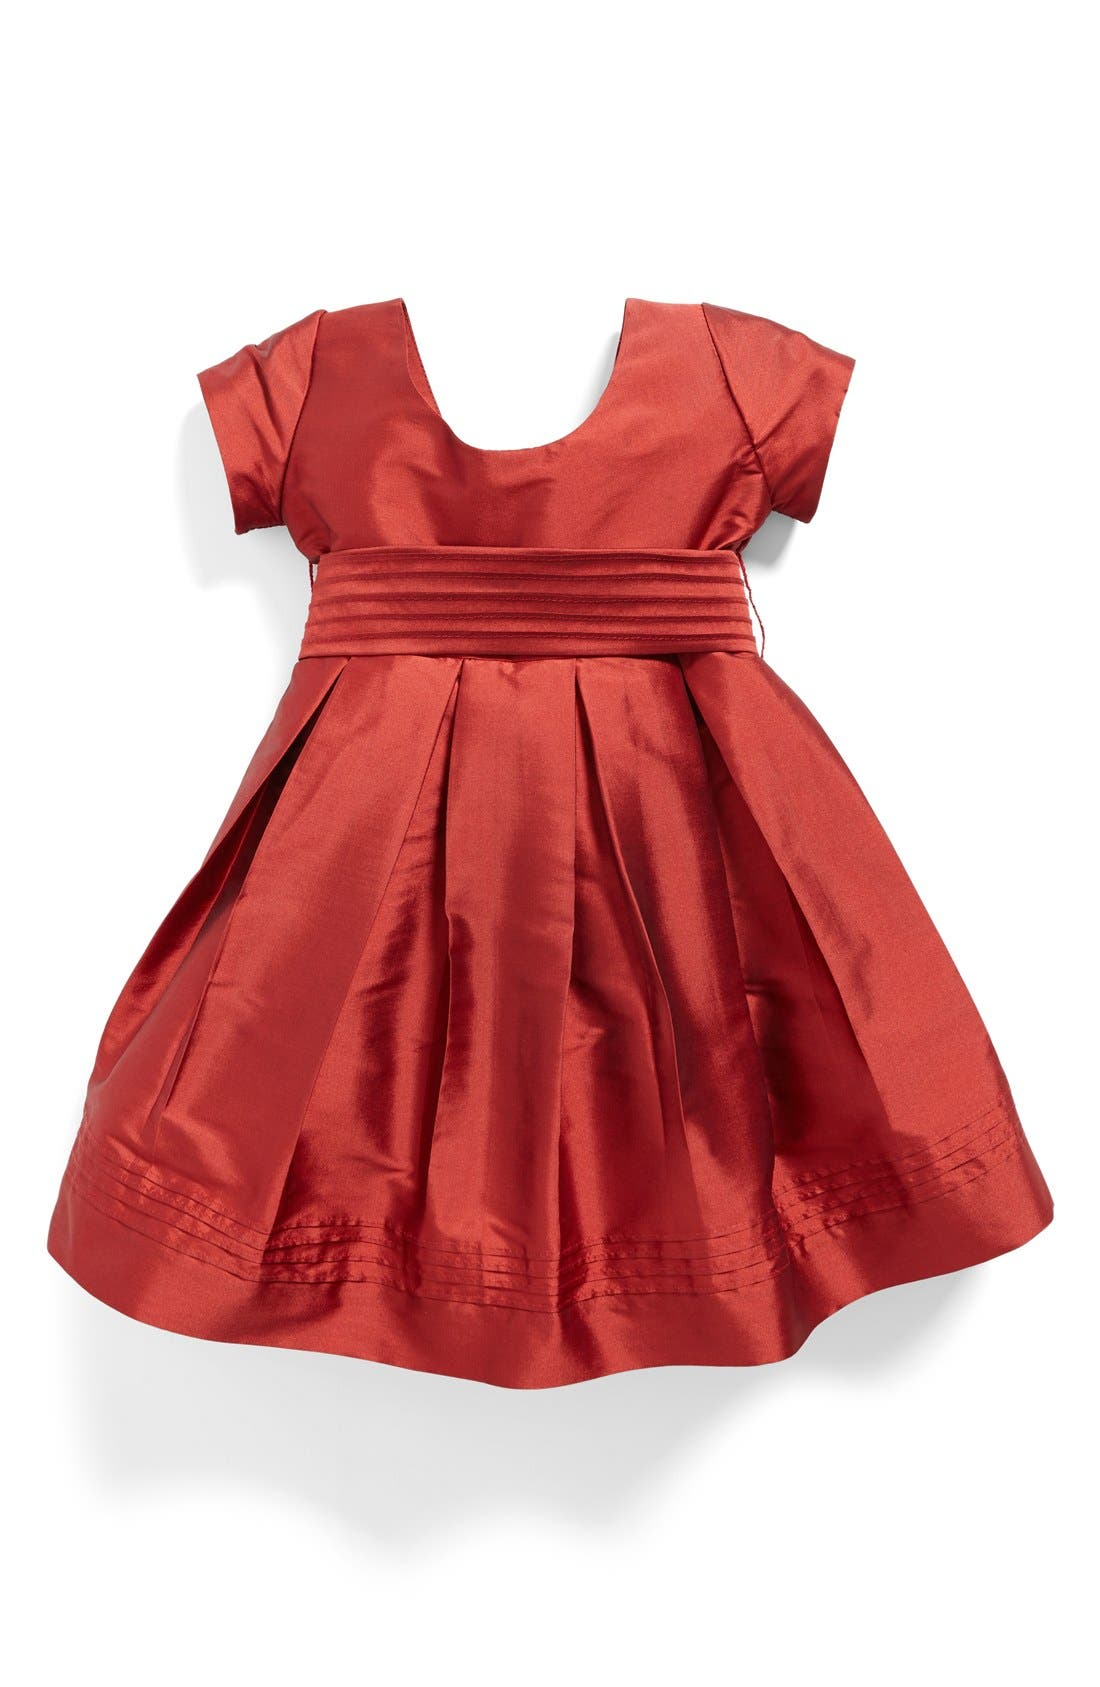 Cap Sleeve Taffeta Dress,                         Main,                         color, Red Taffeta